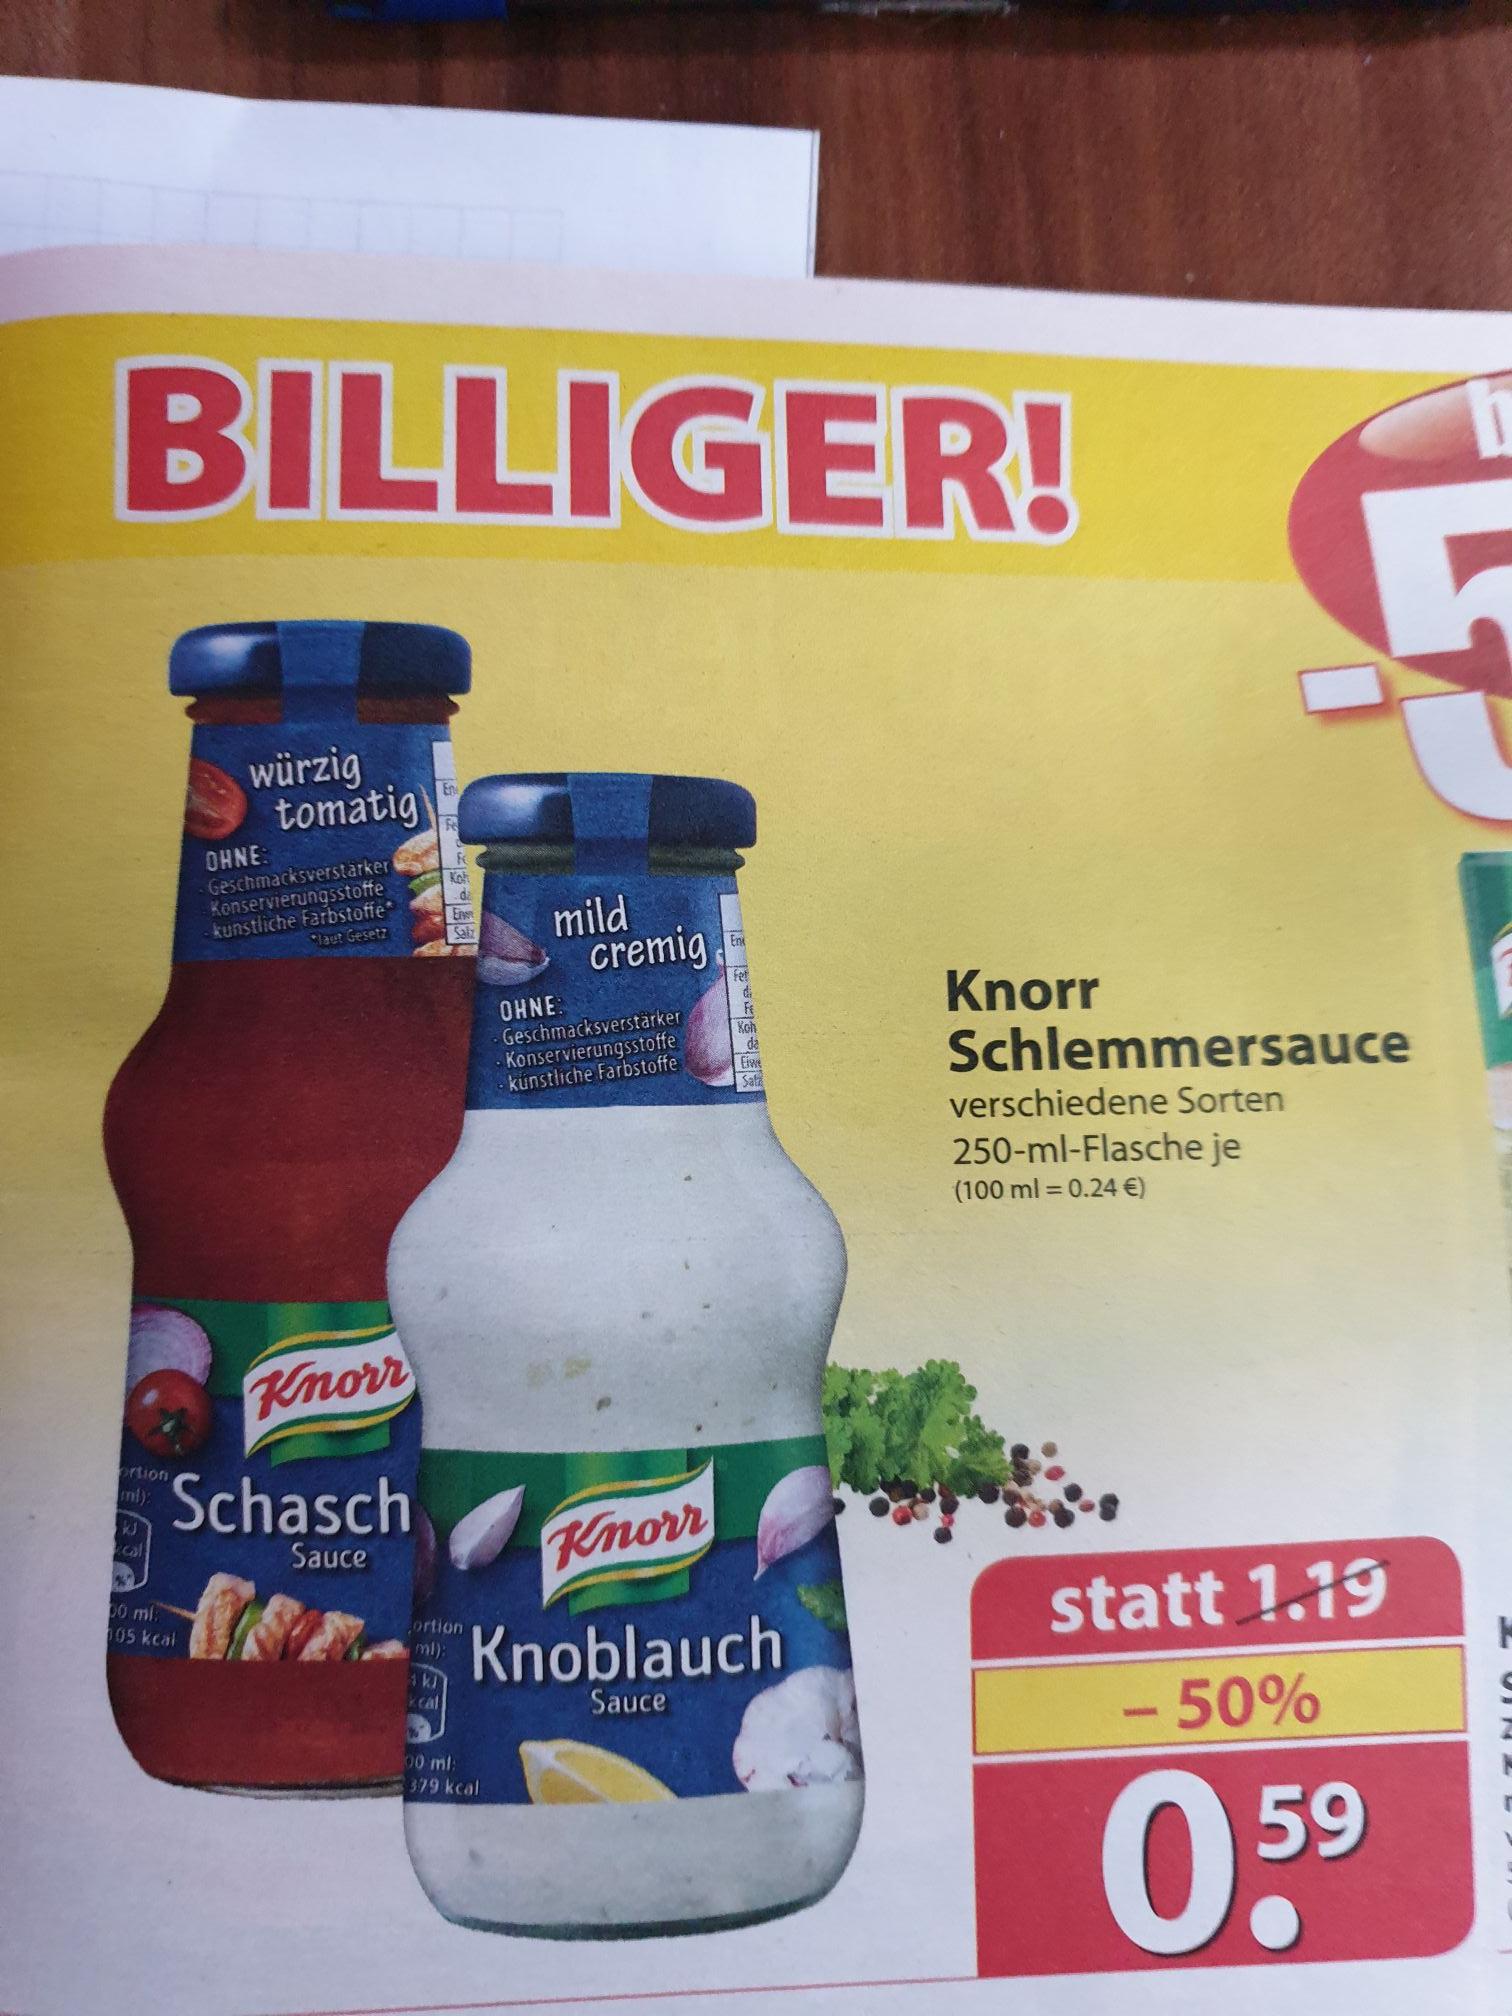 (Famila Nordwest) Knorr Schlemmersauce 250ml verschiedene Sorten für 0,59€